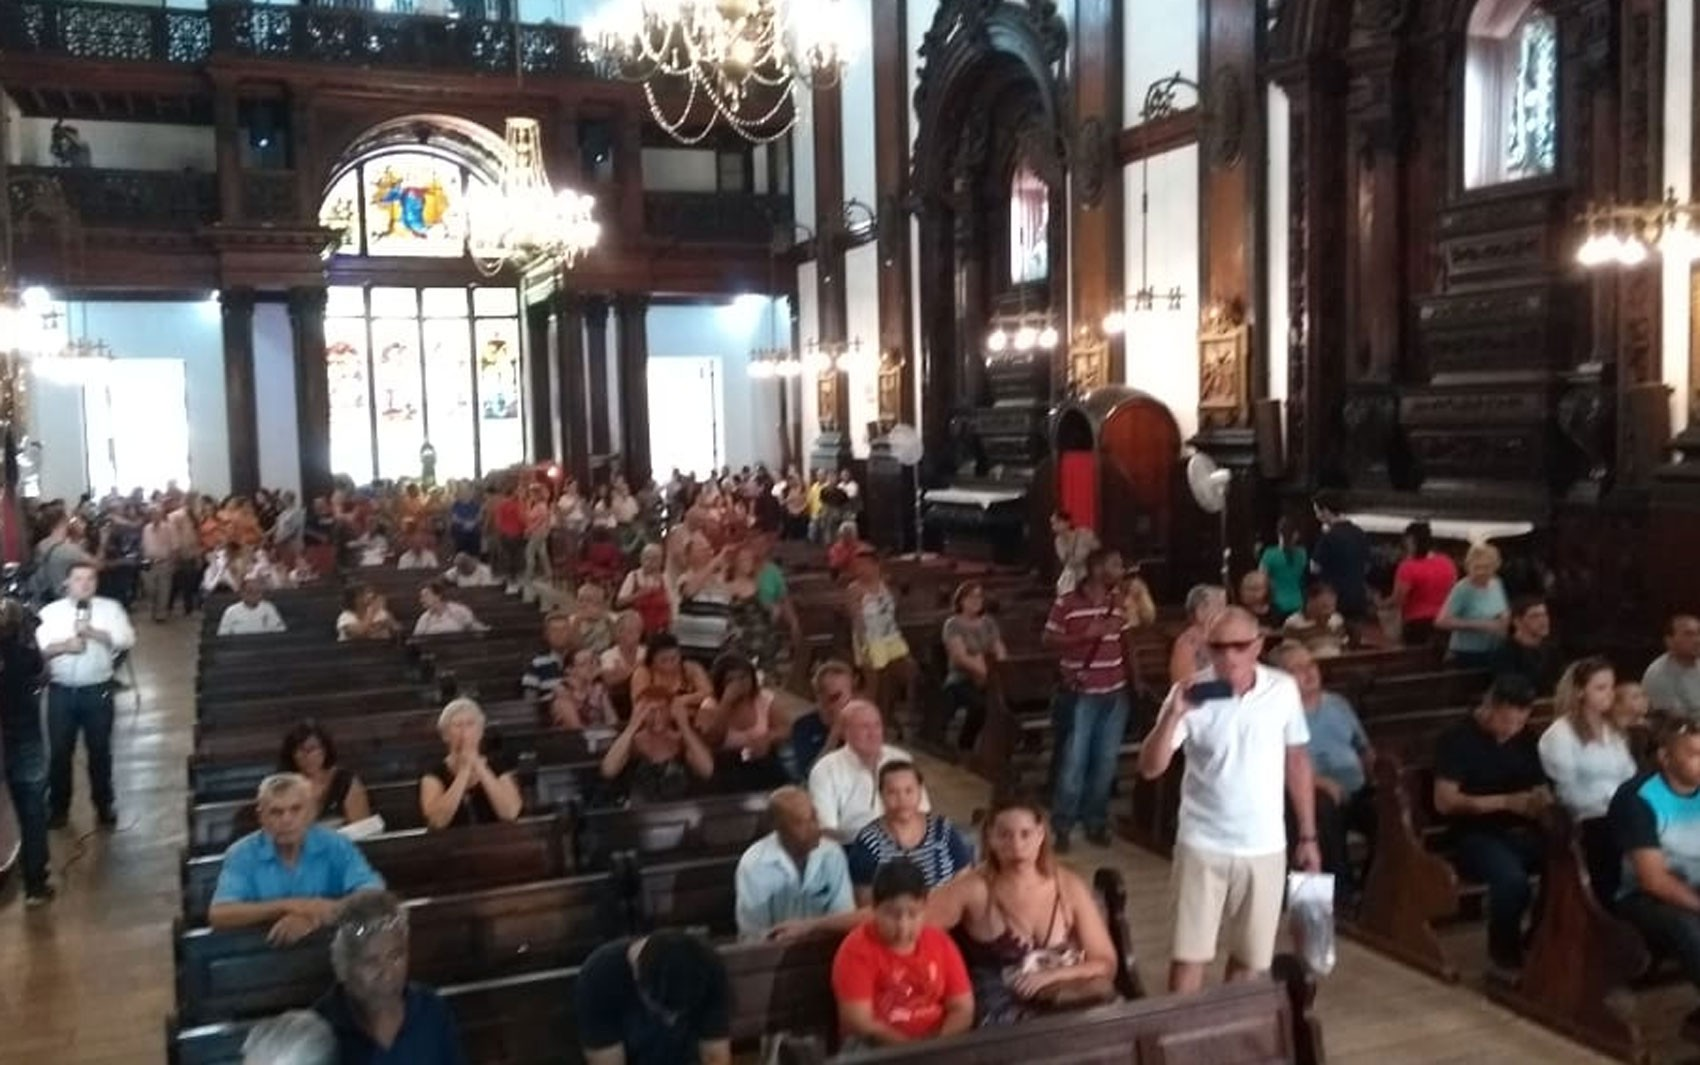 Ataque na catedral: portas do templo em Campinas são reabertas para público e missas - Noticias